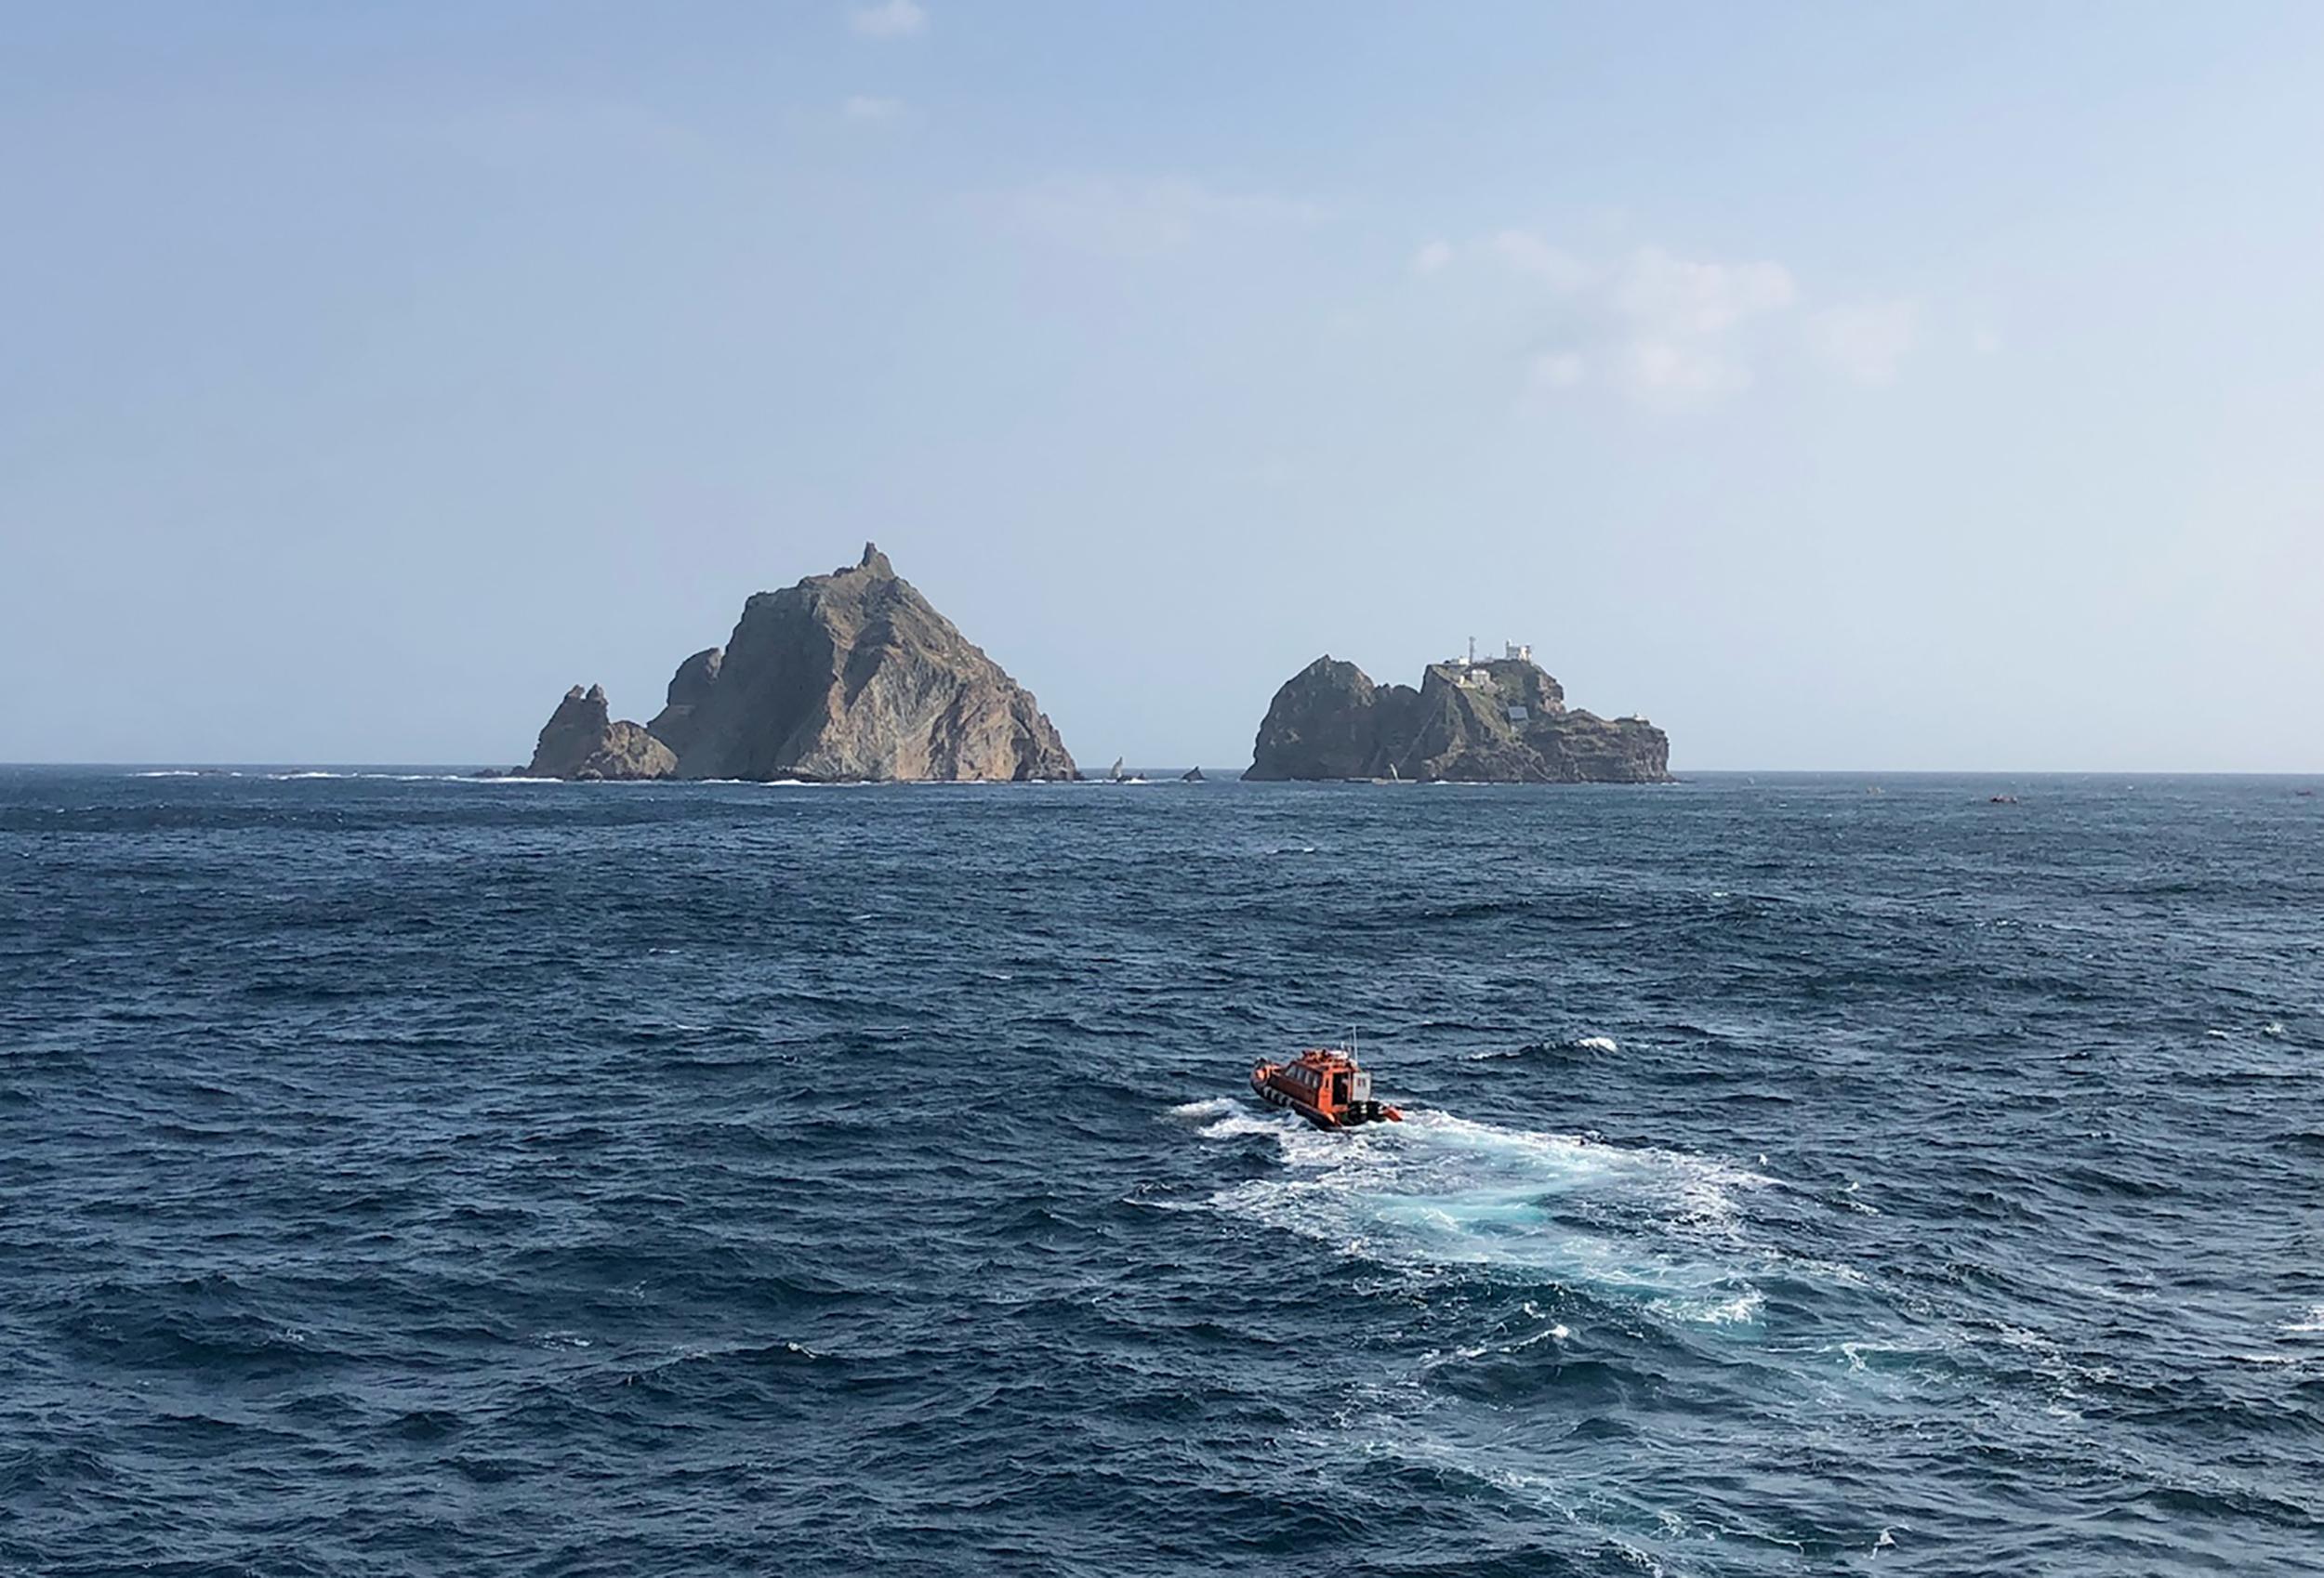 Kimentették a bajba jutott halászt, majd a tengerbe zuhant a mentőhelikopter